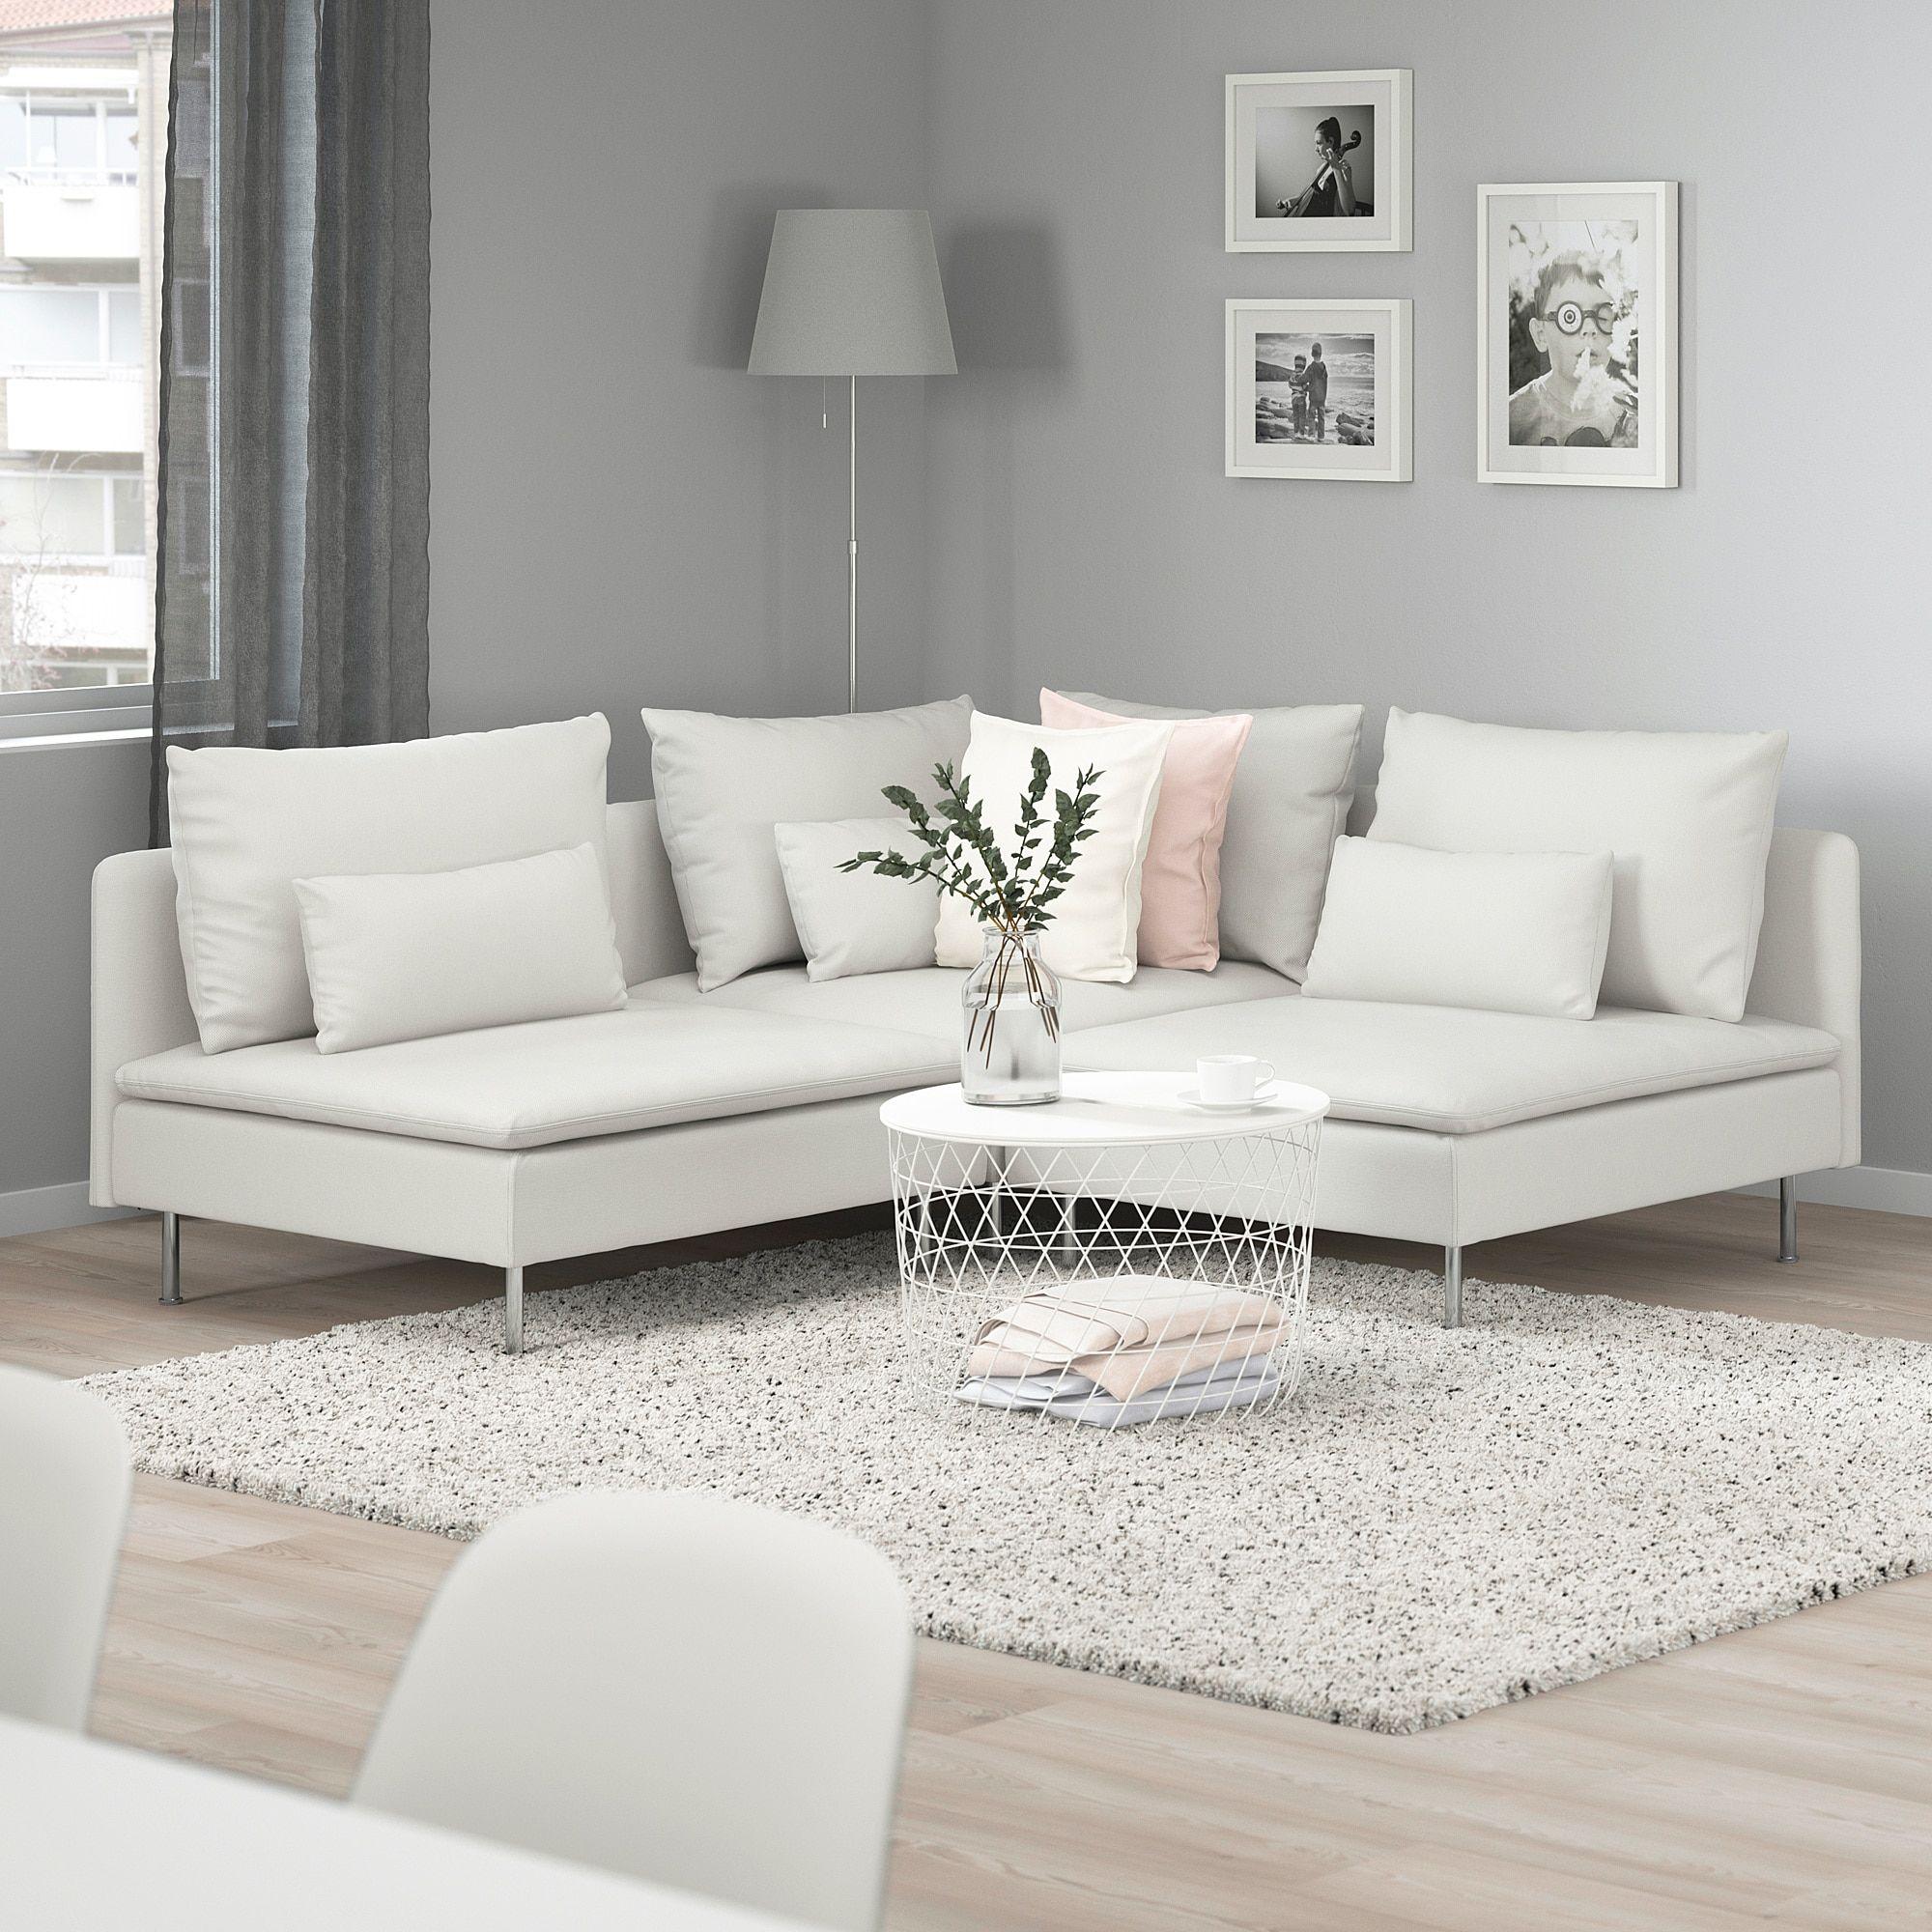 Soderhamn Sectional 3 Seat Corner Finnsta White Ikea Living Room Decor Cozy Apartment Living Room Living Room Decor Apartment